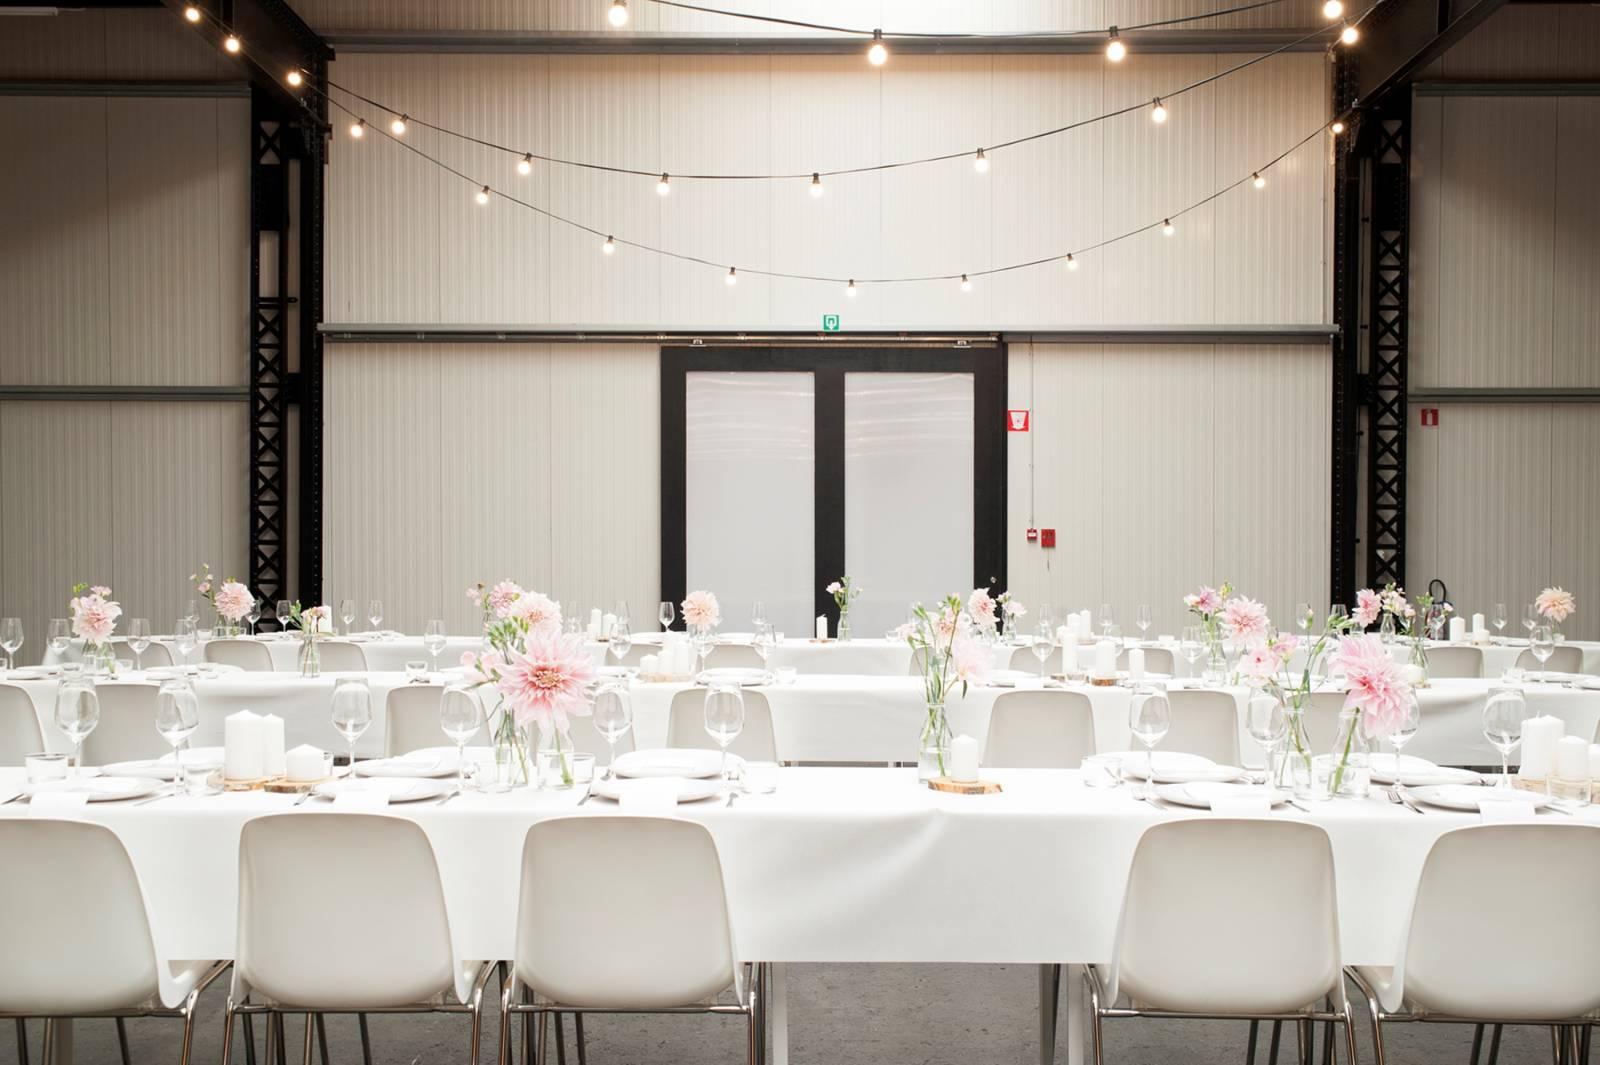 House of Weddings Firma Cantina Feestzaal Wedding Venue Huwelijk Brussel industrieel fabriek ceremonie receptie walking dinner (3)